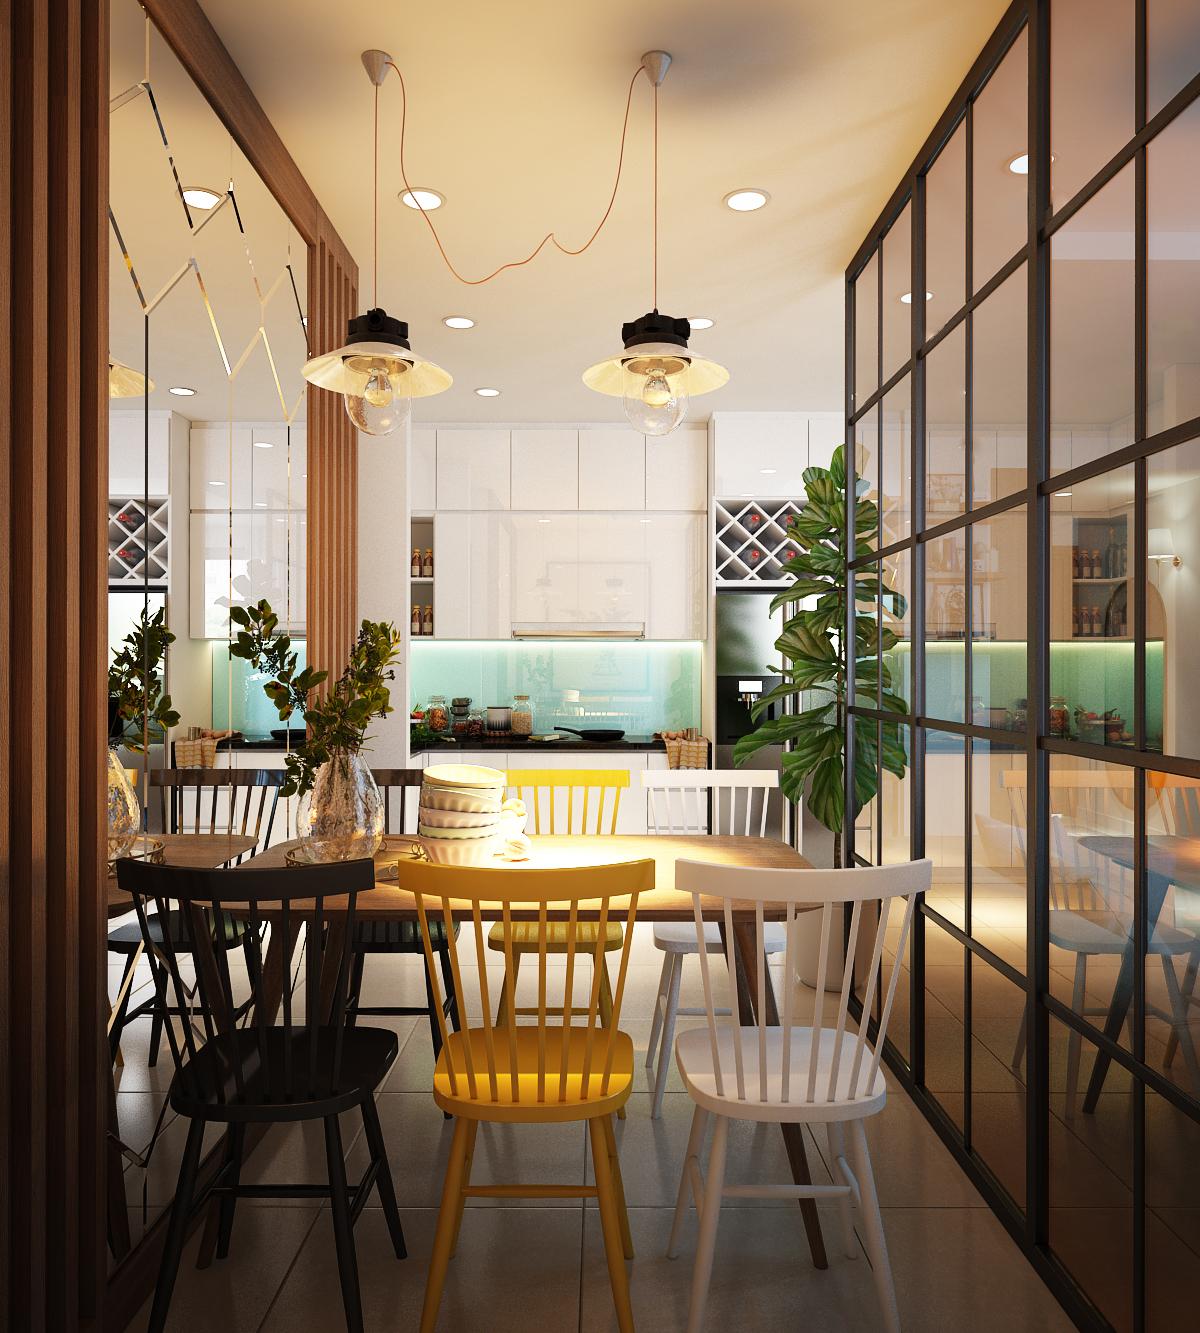 Thiết kế nội thất Chung Cư tại Hồ Chí Minh Anh Tú_Hausneo 1576125813 4